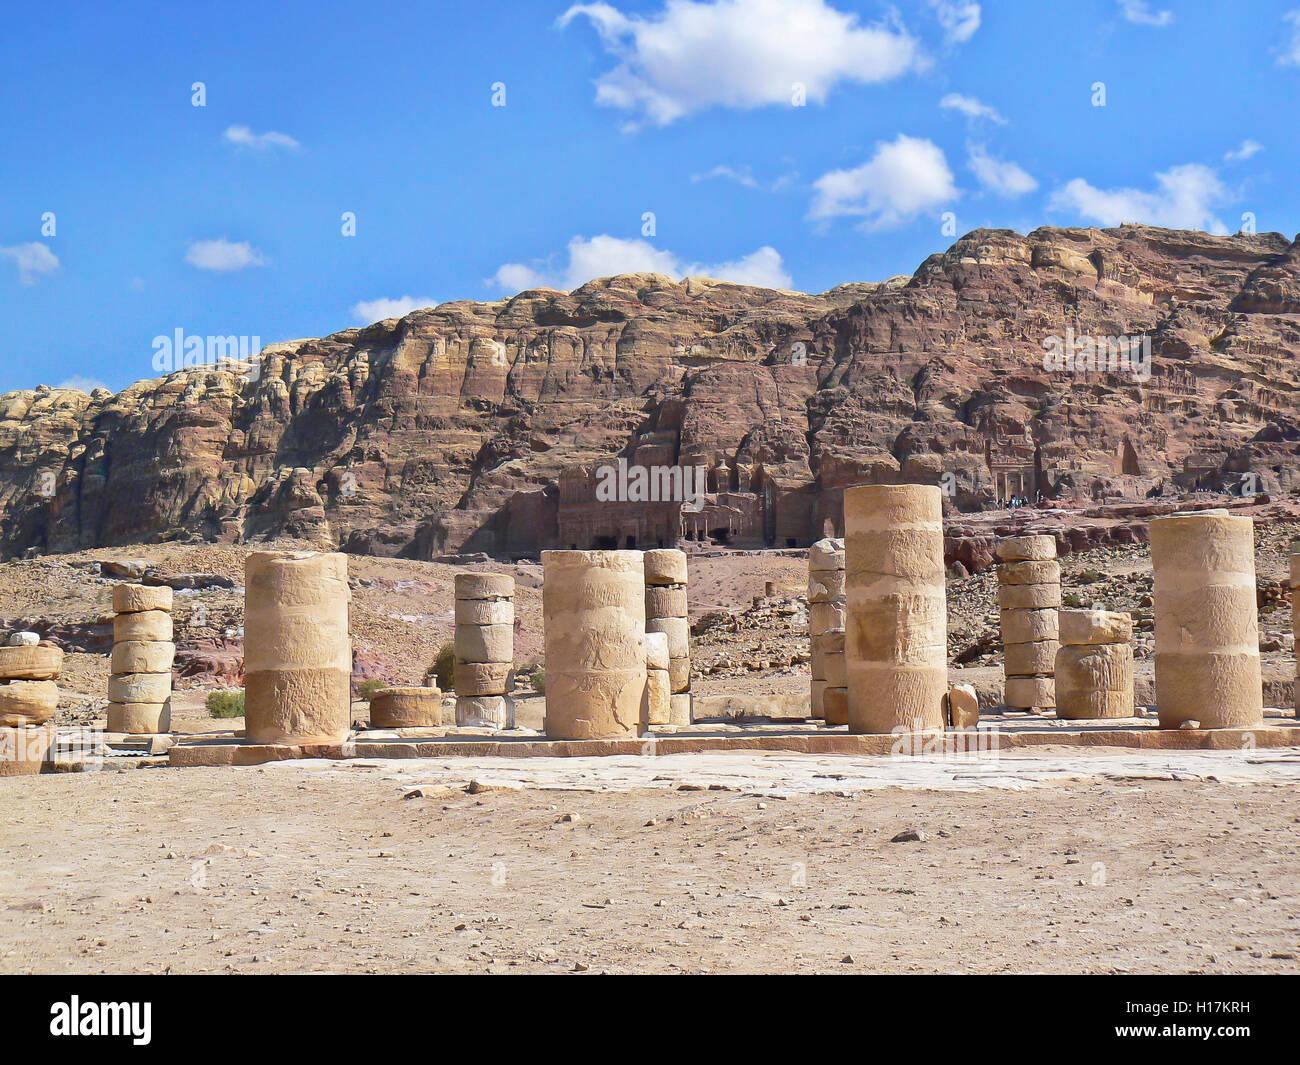 Roman temple at Petra, Jordan - Stock Image